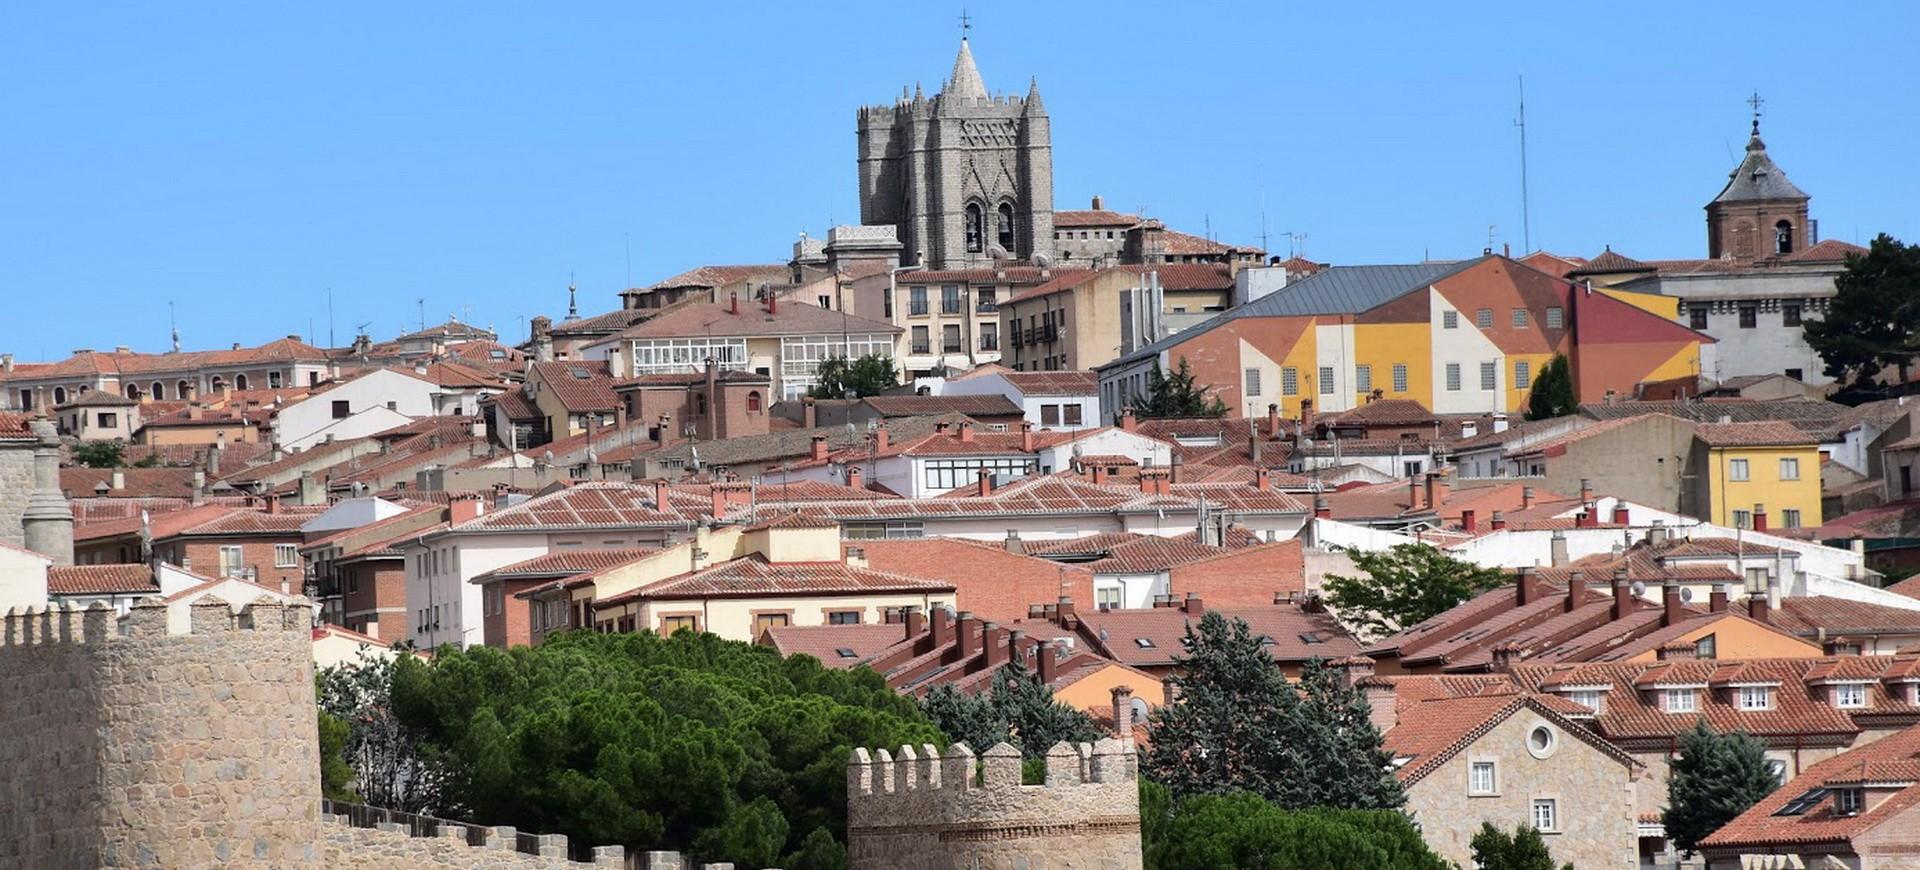 Espagne Avila vieille ville